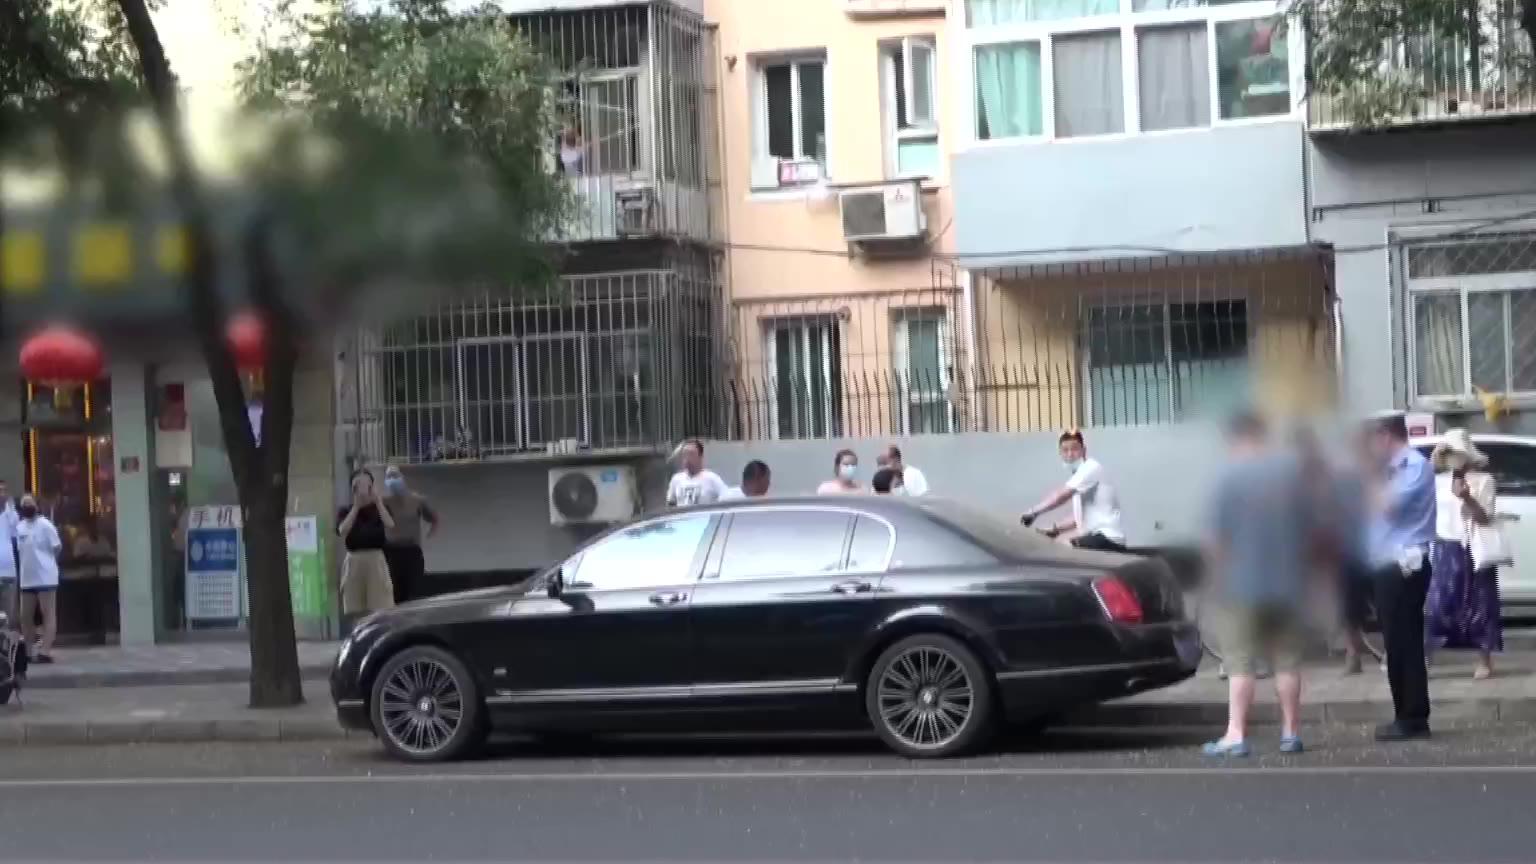 北京:宾利车挂着捷豹的车牌,车主还振振有词